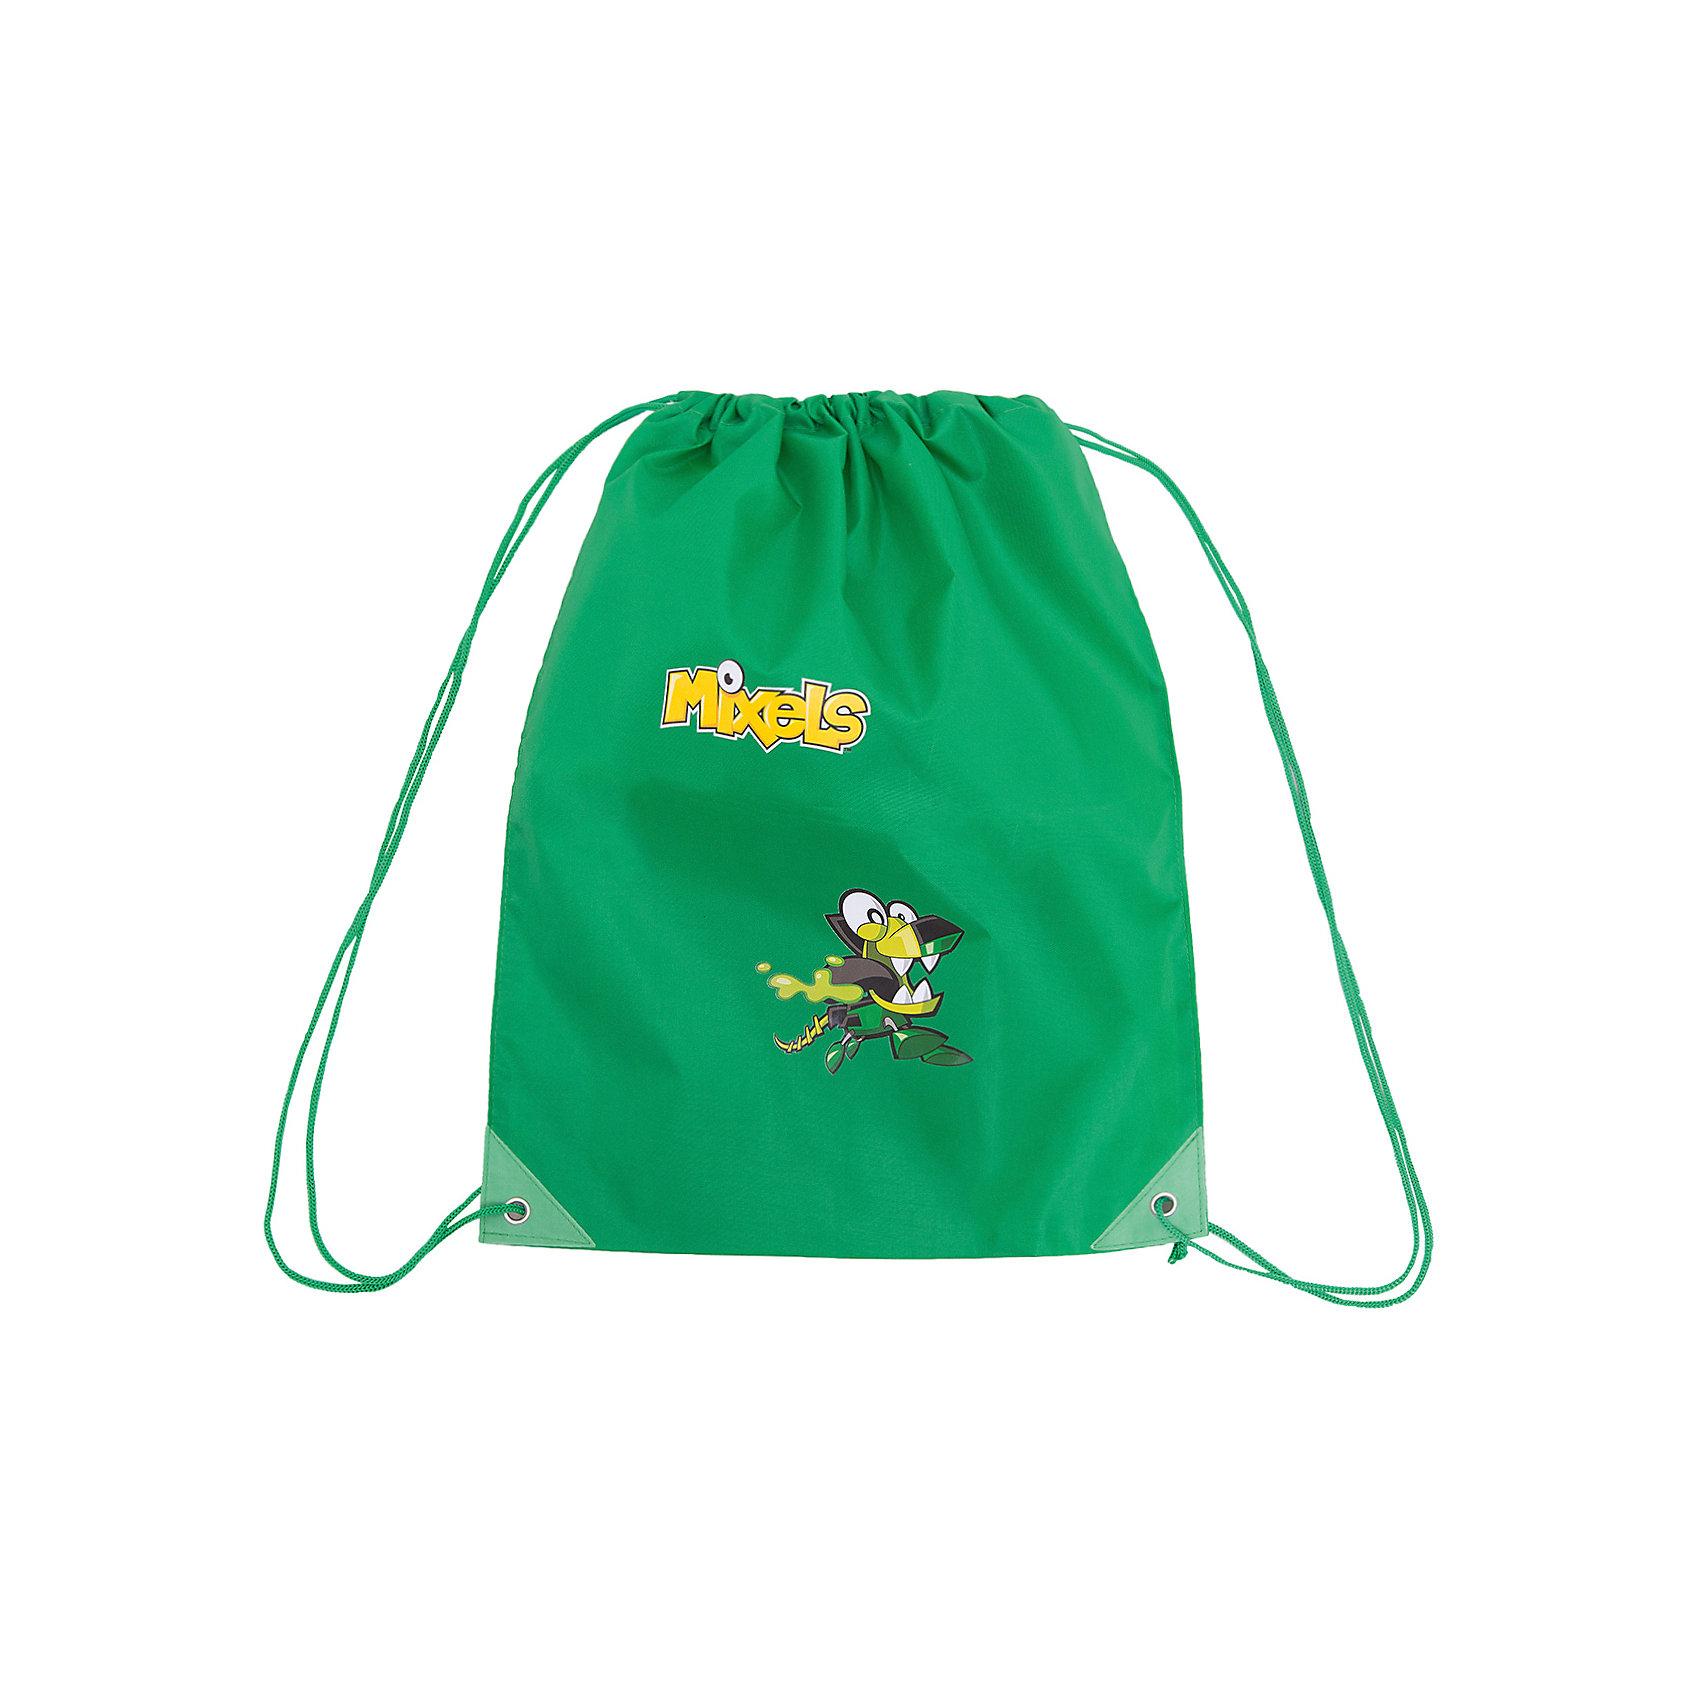 Мешок для обуви Premium Light, зеленый, МixelsМешки для обуви<br>Сумка-рюкзак для обуви красного цвета Mixels  от Lego с изображением любимых героев мультфильма- незаменимая вещь в учебе ребёнка!<br> Удобный и очень легкий мешок, украшен ярким принтом с изображением любимого героя. Может использоваться как для хранения, так и для переноски сменной обуви и спортивной одежды. Выполнен из высококачественного полиэстера плотностью 210 den и имеет водоотталкивающее покрытие. Затягивается сверху шнуром-лямкой и носится, как рюкзак.<br><br>Ширина мм: 430<br>Глубина мм: 30<br>Высота мм: 350<br>Вес г: 45<br>Возраст от месяцев: 48<br>Возраст до месяцев: 144<br>Пол: Мужской<br>Возраст: Детский<br>SKU: 5475516